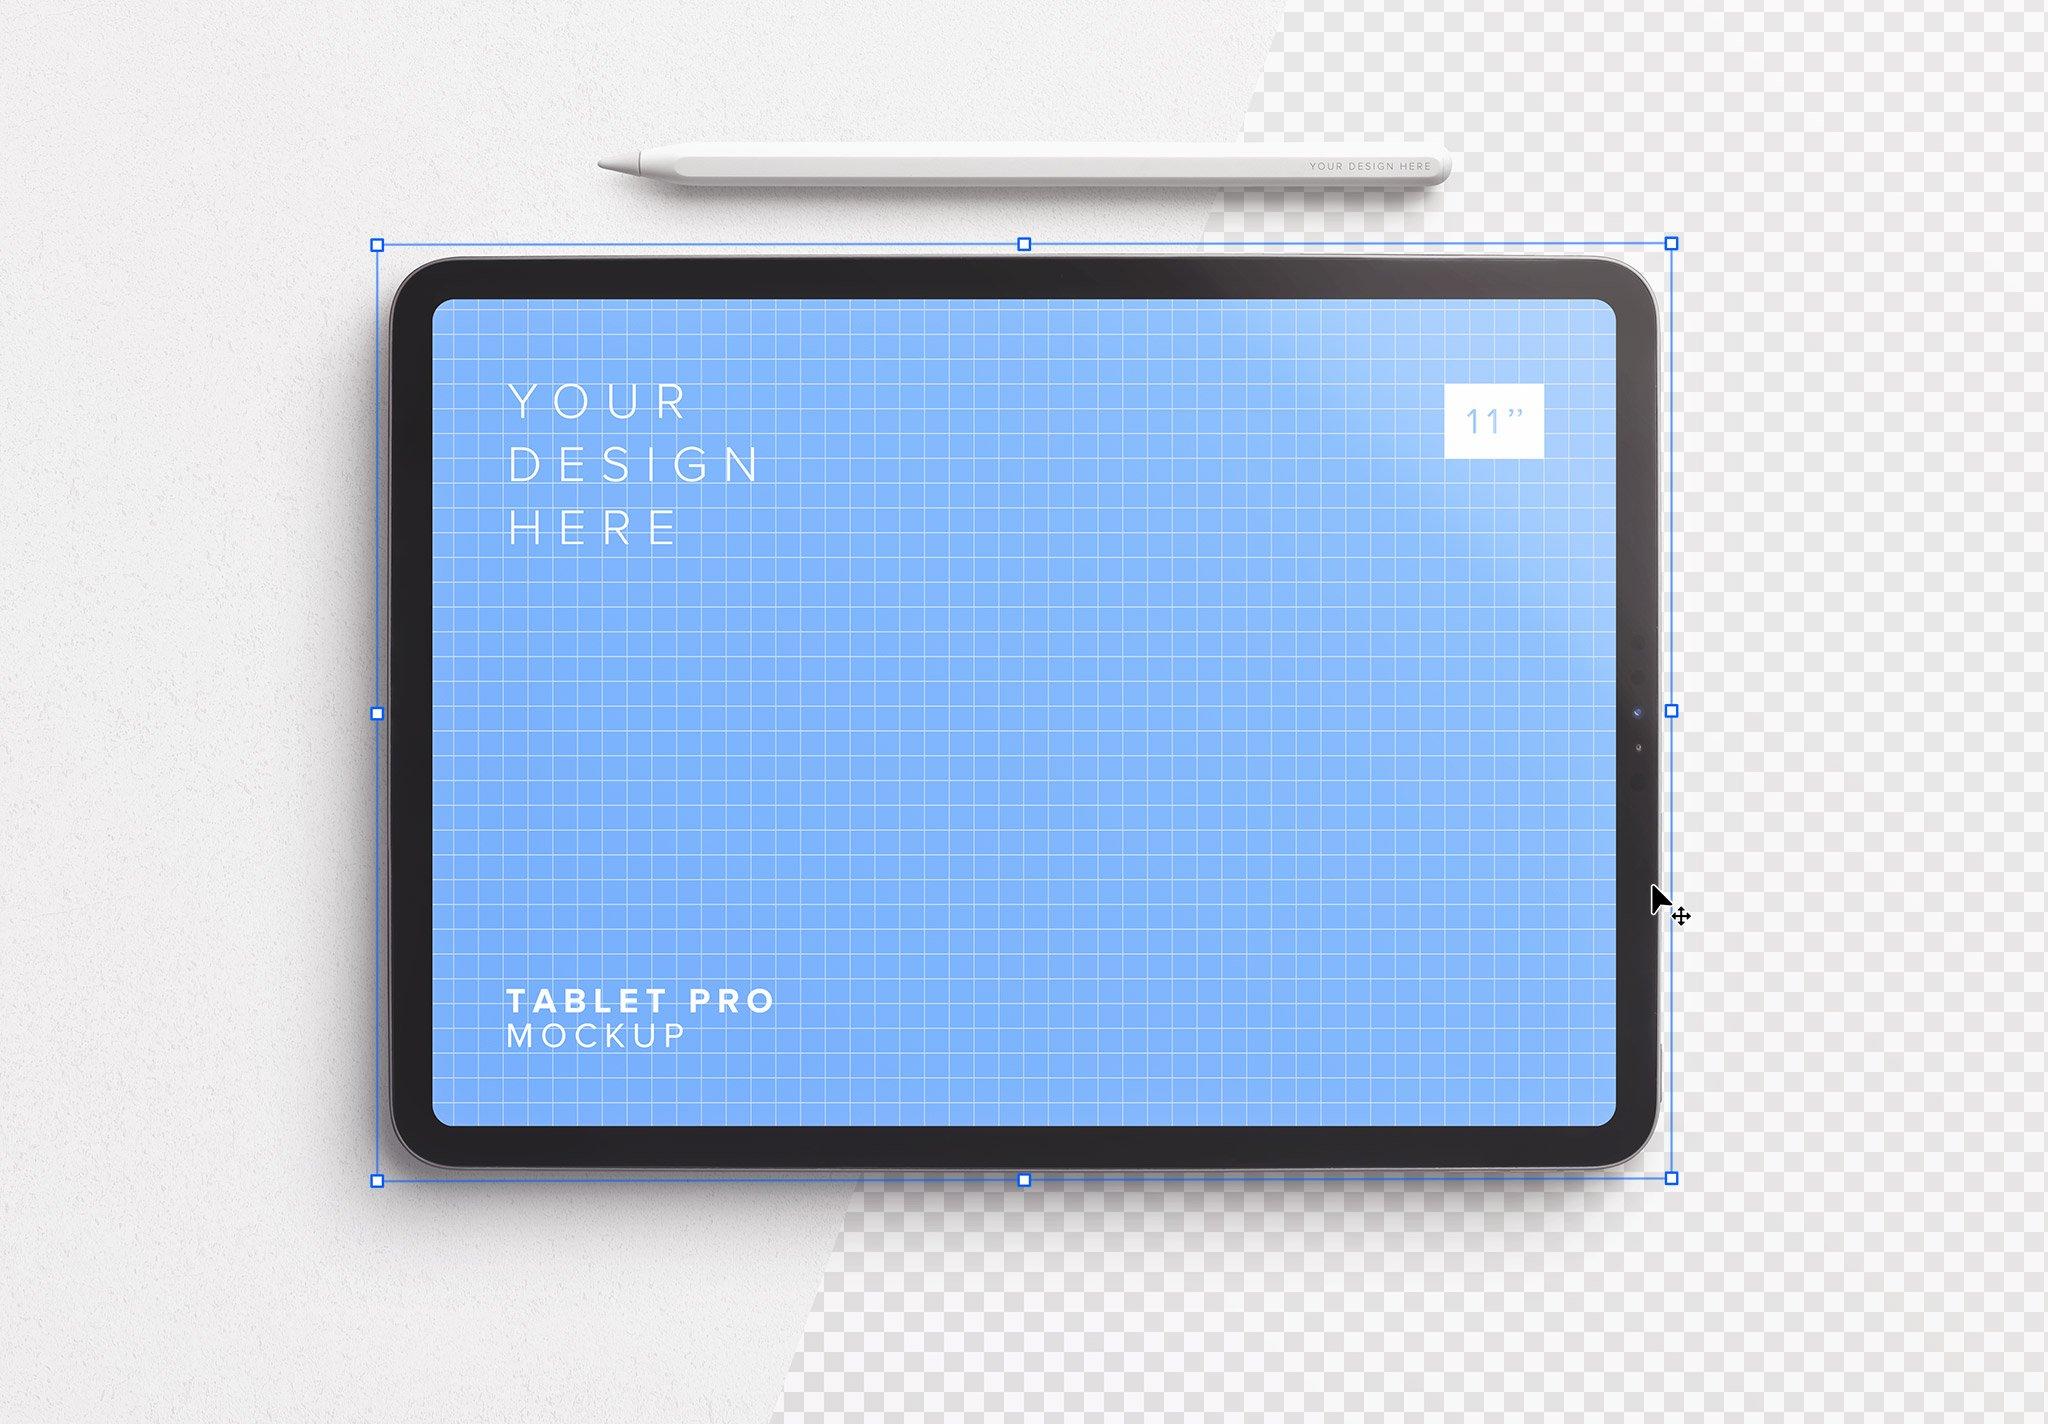 Tablet Pro 11 Mockup Thumbnail